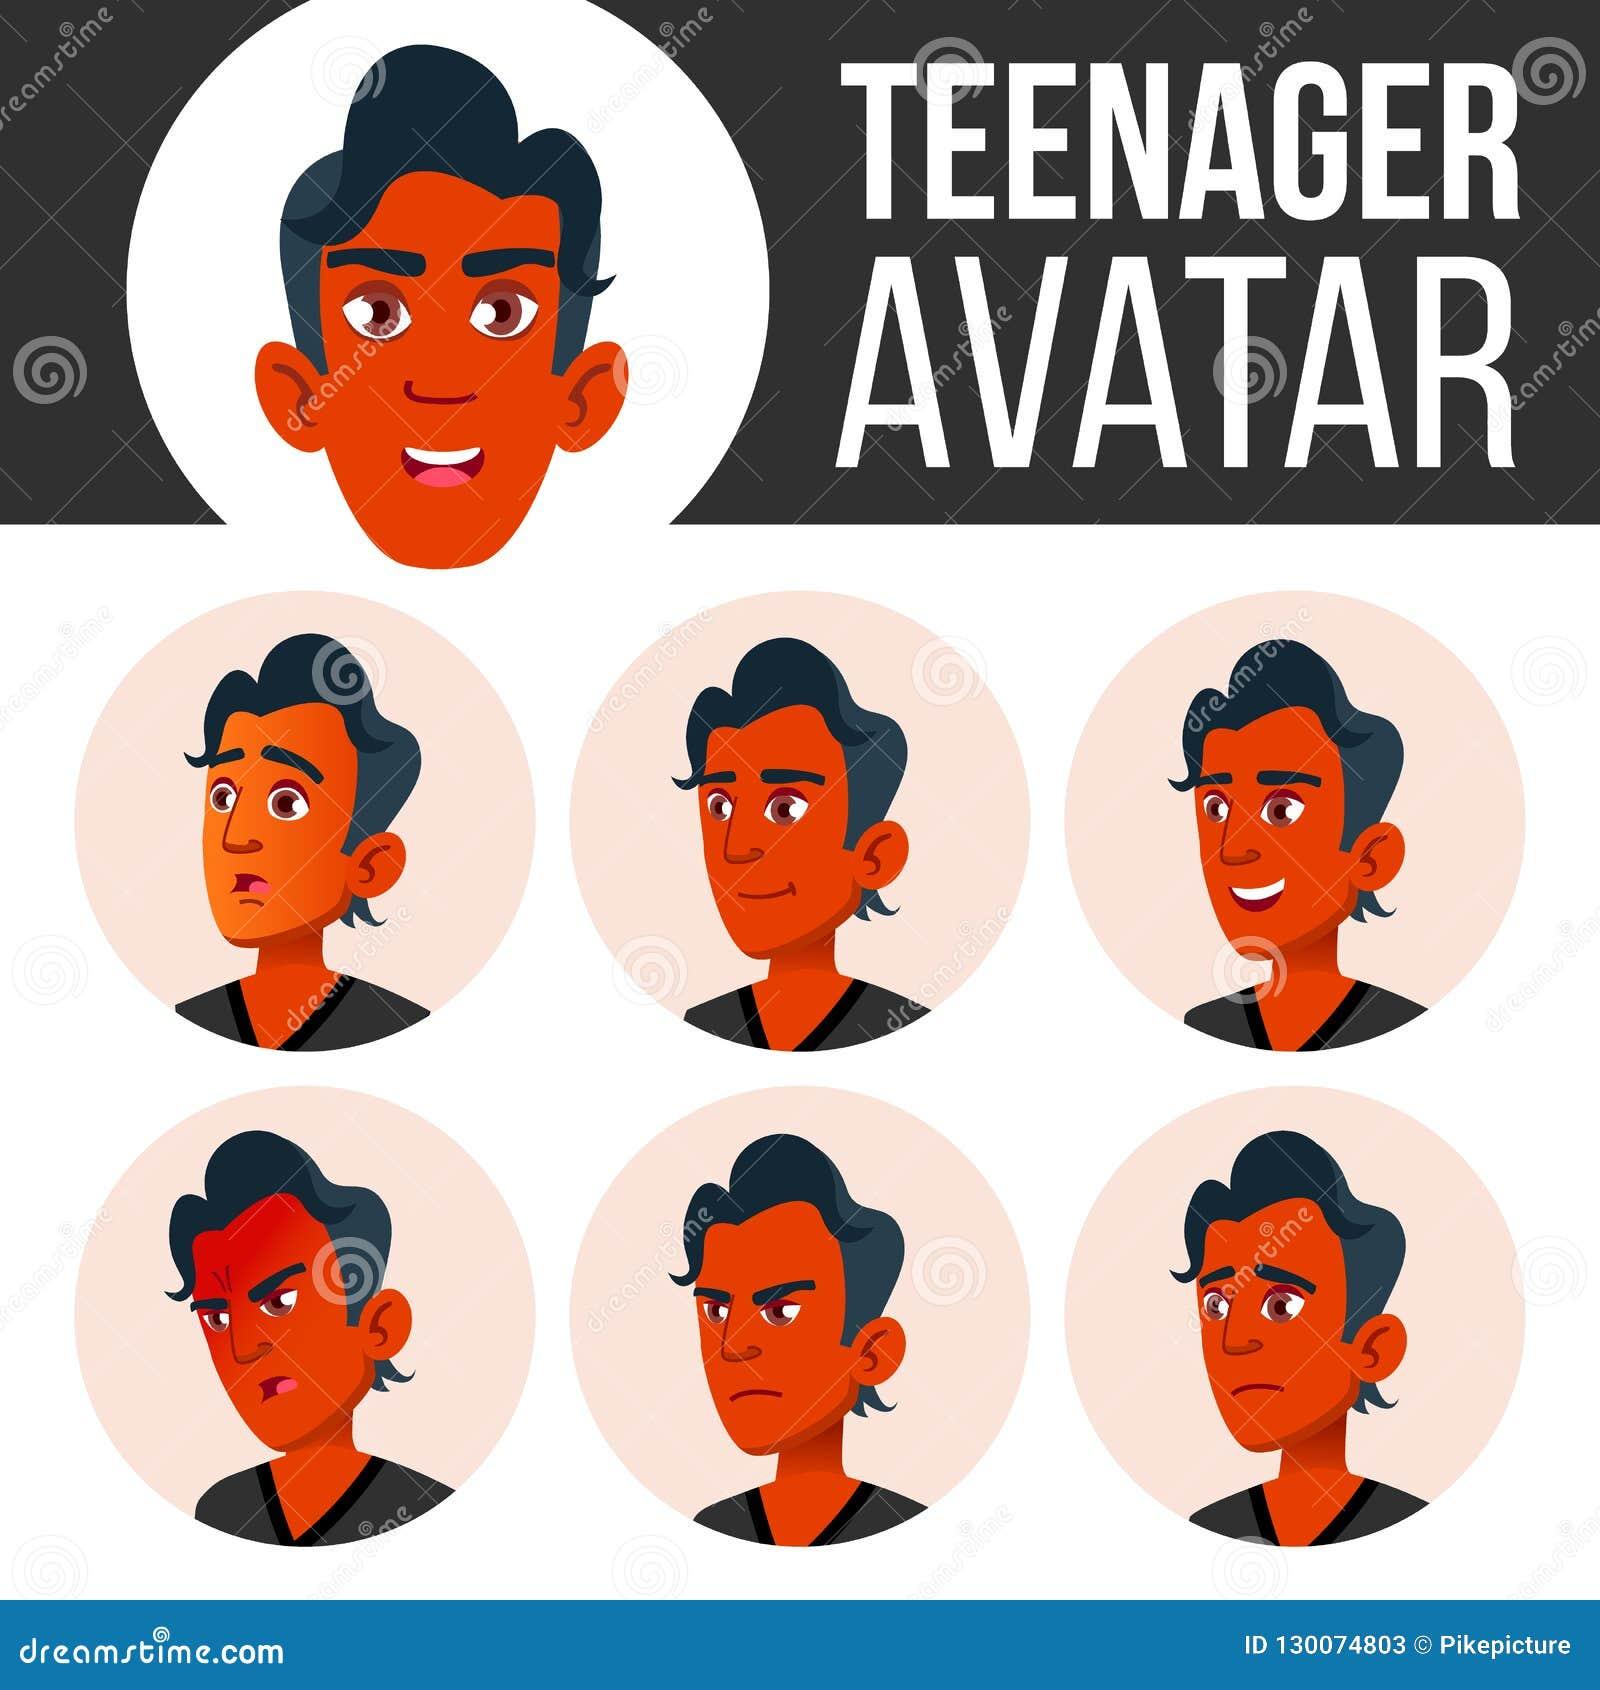 Jugendlich Jungen-Avatara-gesetzter Vektor Stellen Sie Gefühle gegenüber Flach, Porträt Inder, Hindu Asiatisch Jugend, kaukasisch